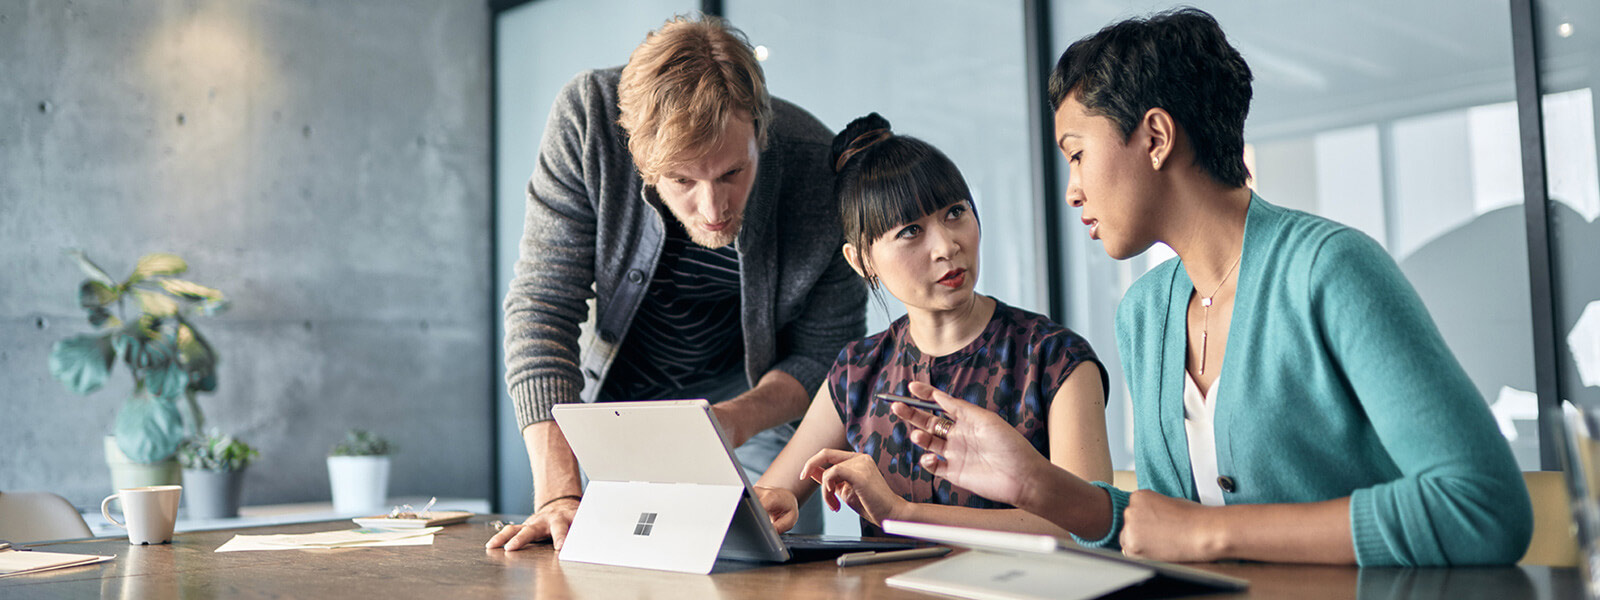 Drei Personen in einem Konferenzraum schauen auf ein Surface Pro 4.